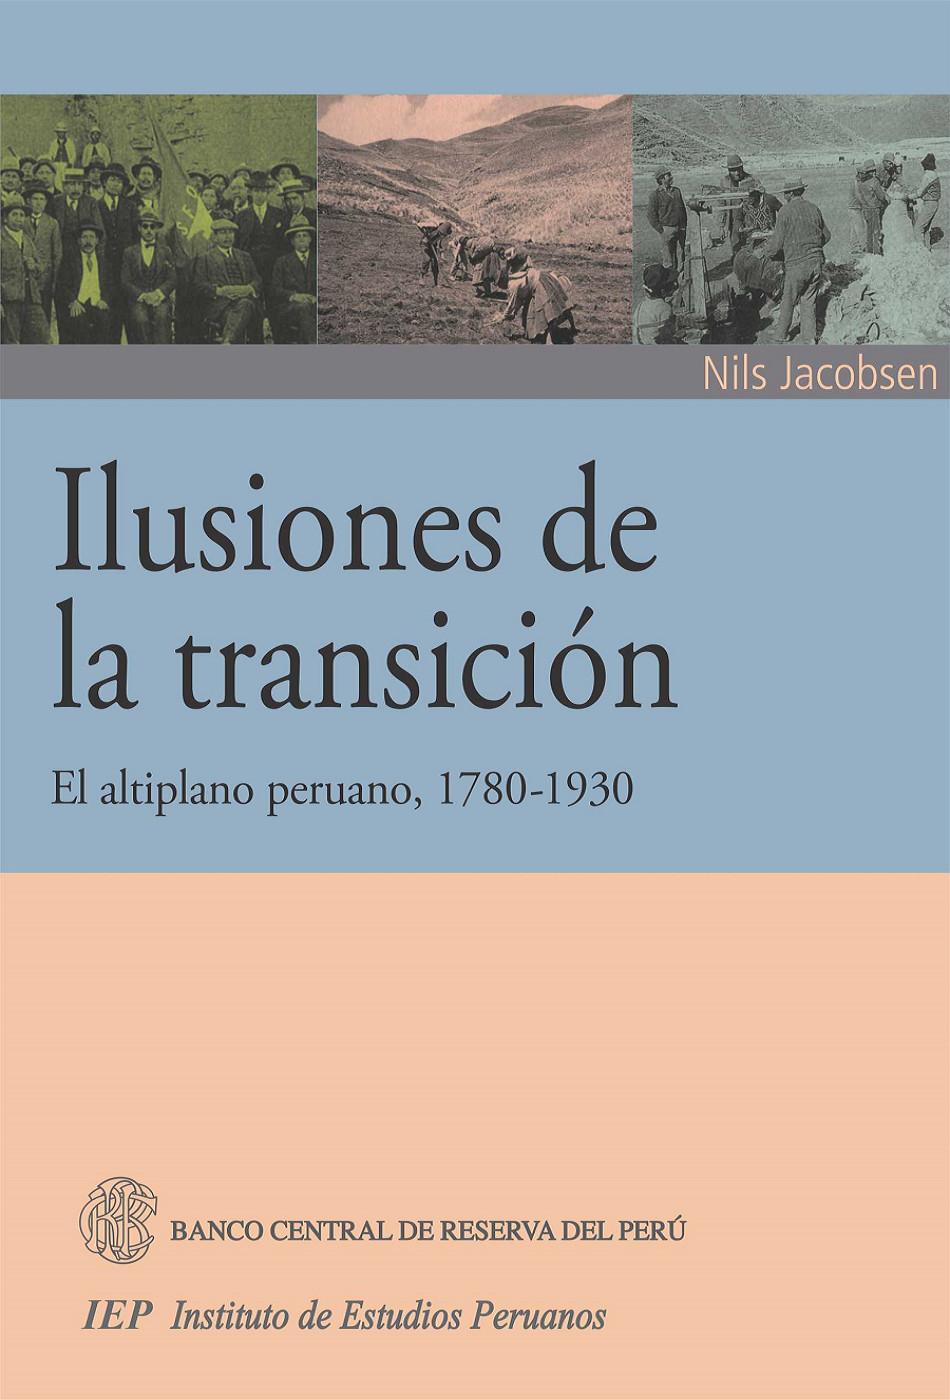 Ilusiones de la transición